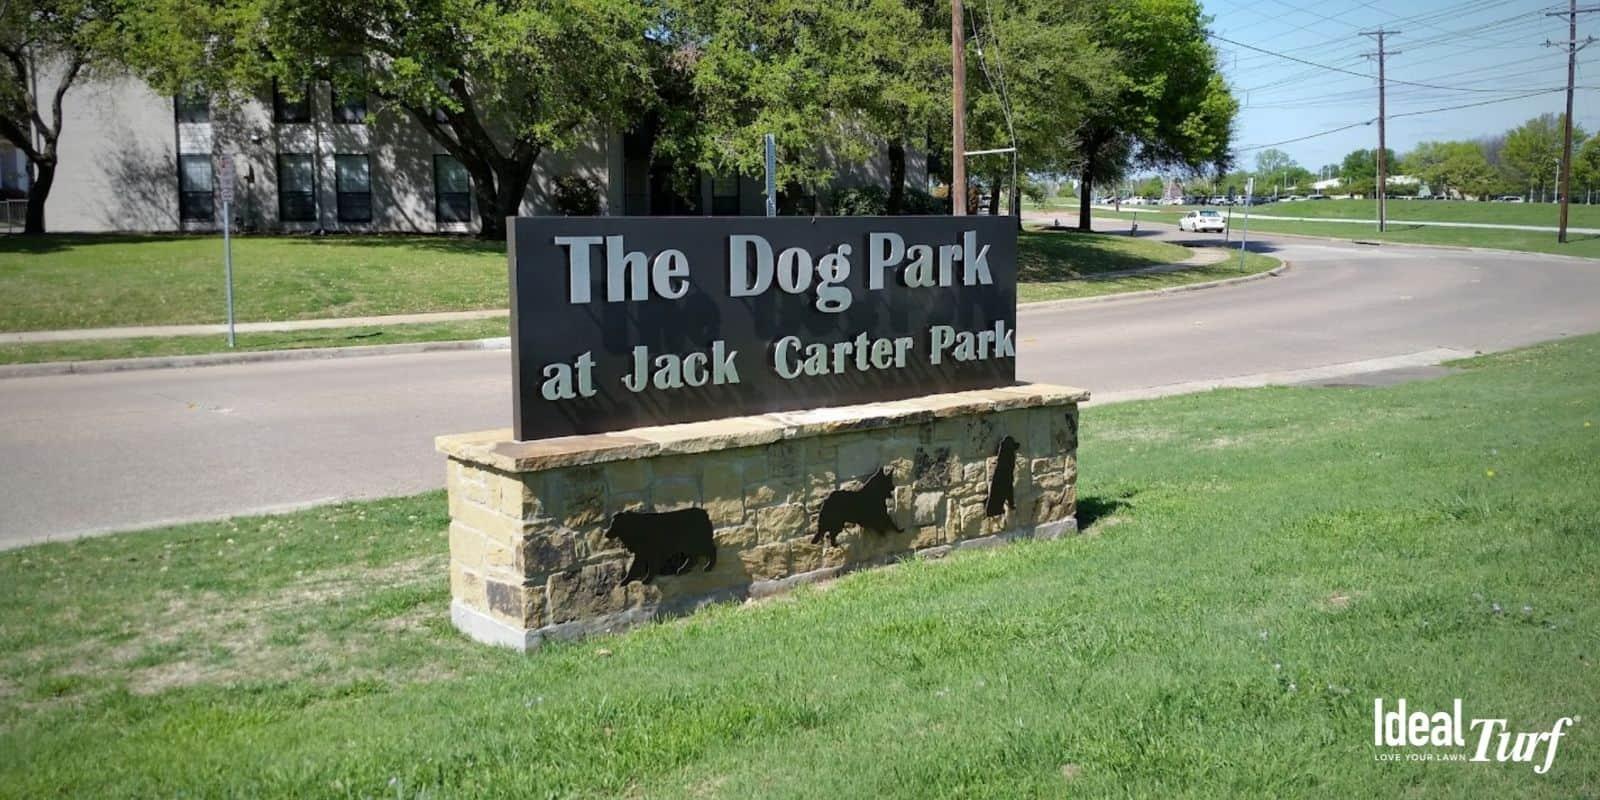 10. Dog Park at Jack Carter Park